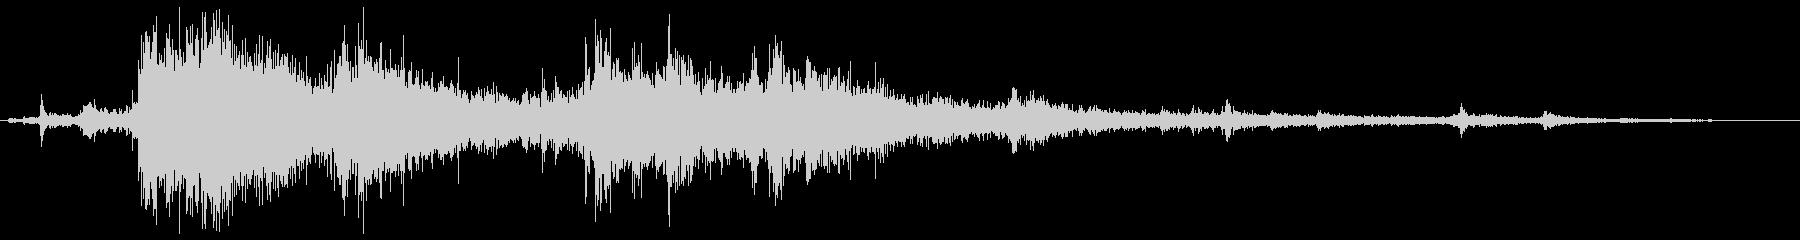 バシャバシャと響く水の音の未再生の波形